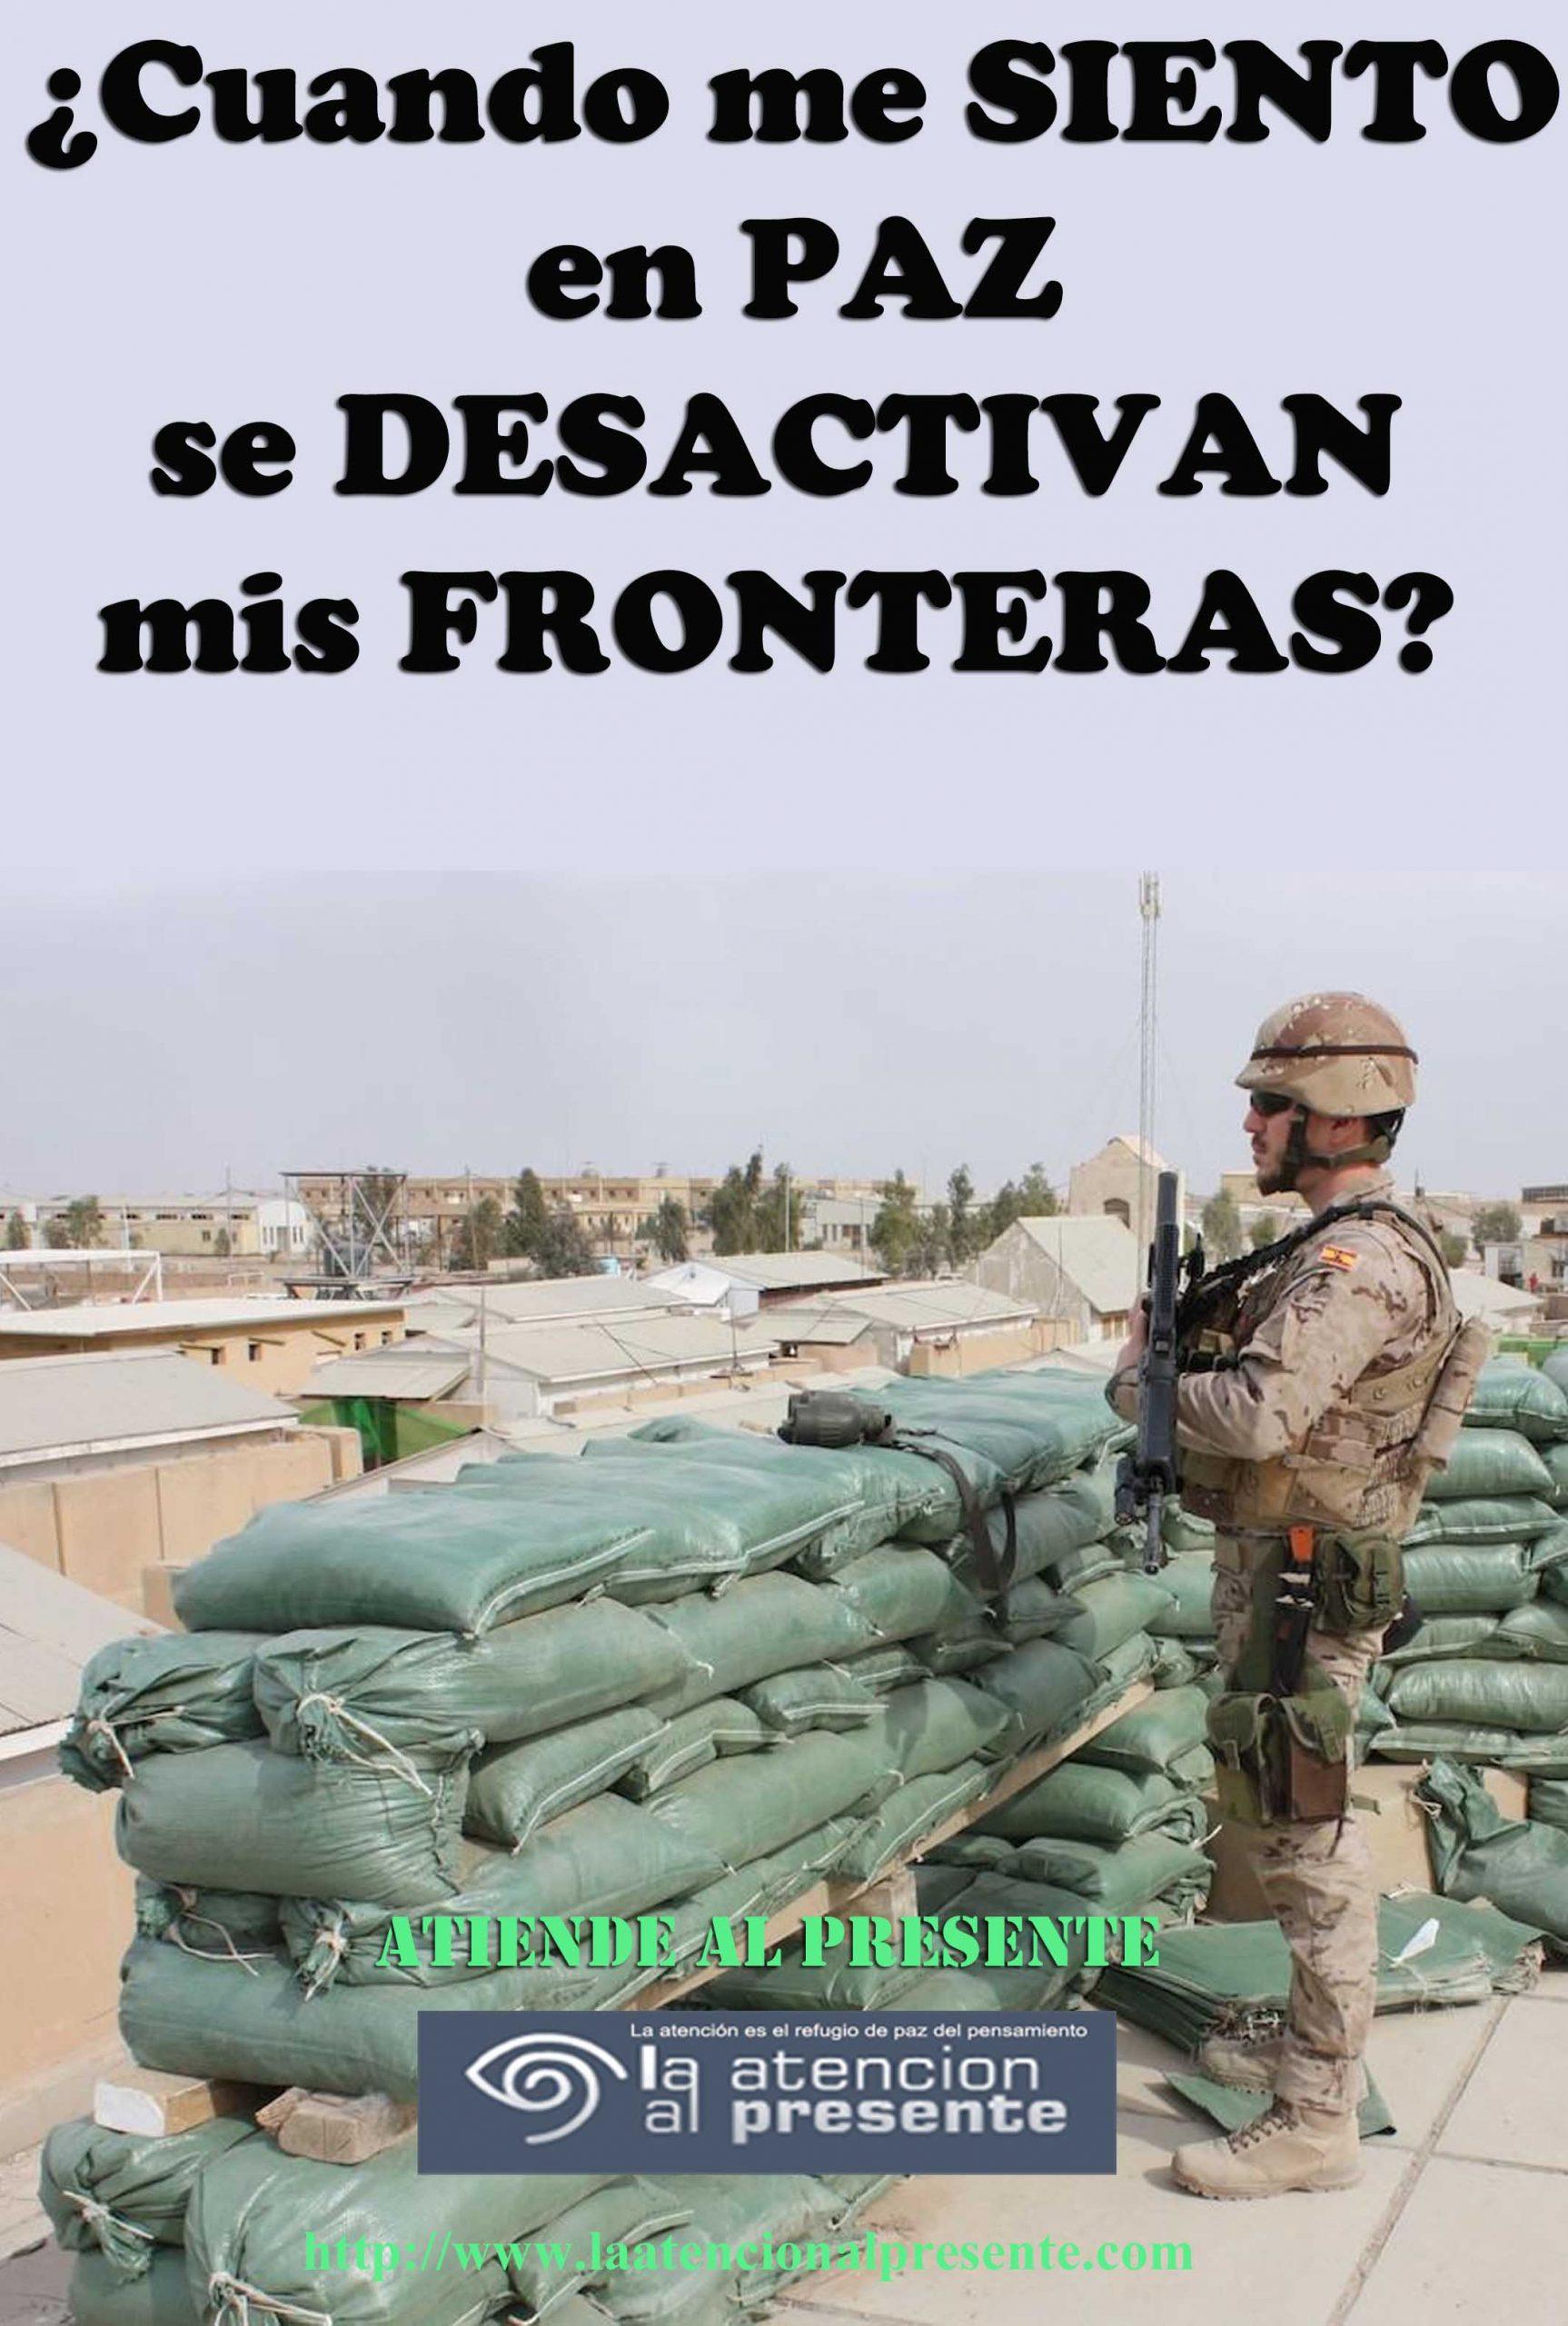 2 de mayo Esteban Cuando me SIENTO en PAZ se DESACTIVAN mis FRONTERAS min scaled